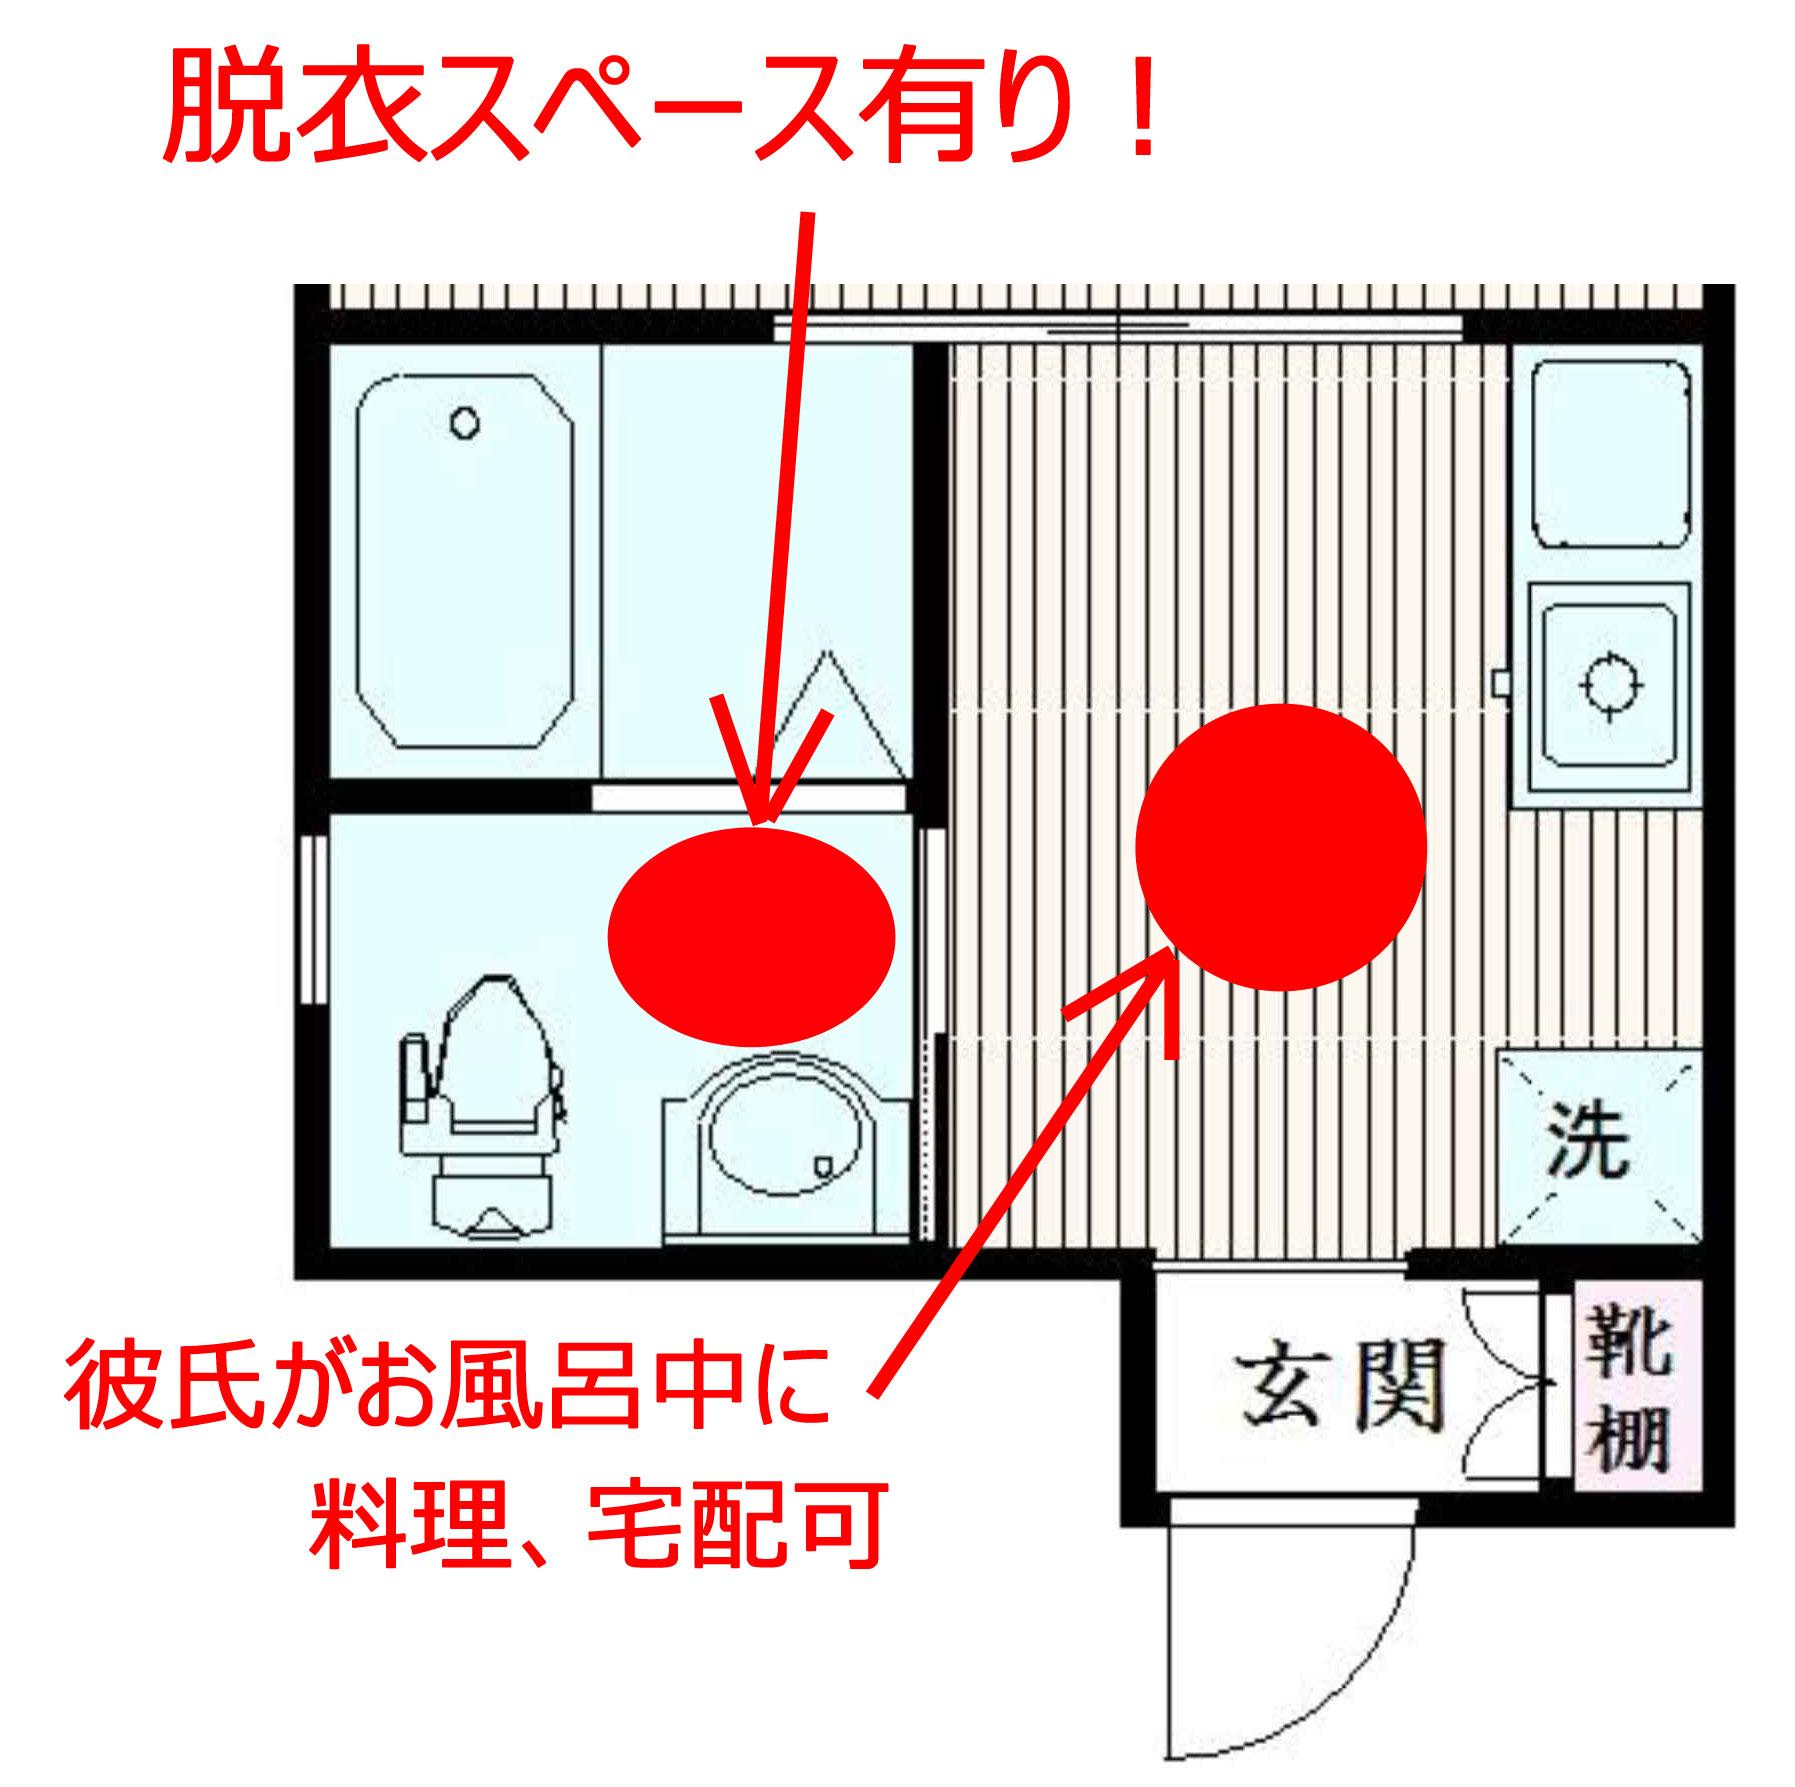 バストイレ別物件の落とし穴に注意